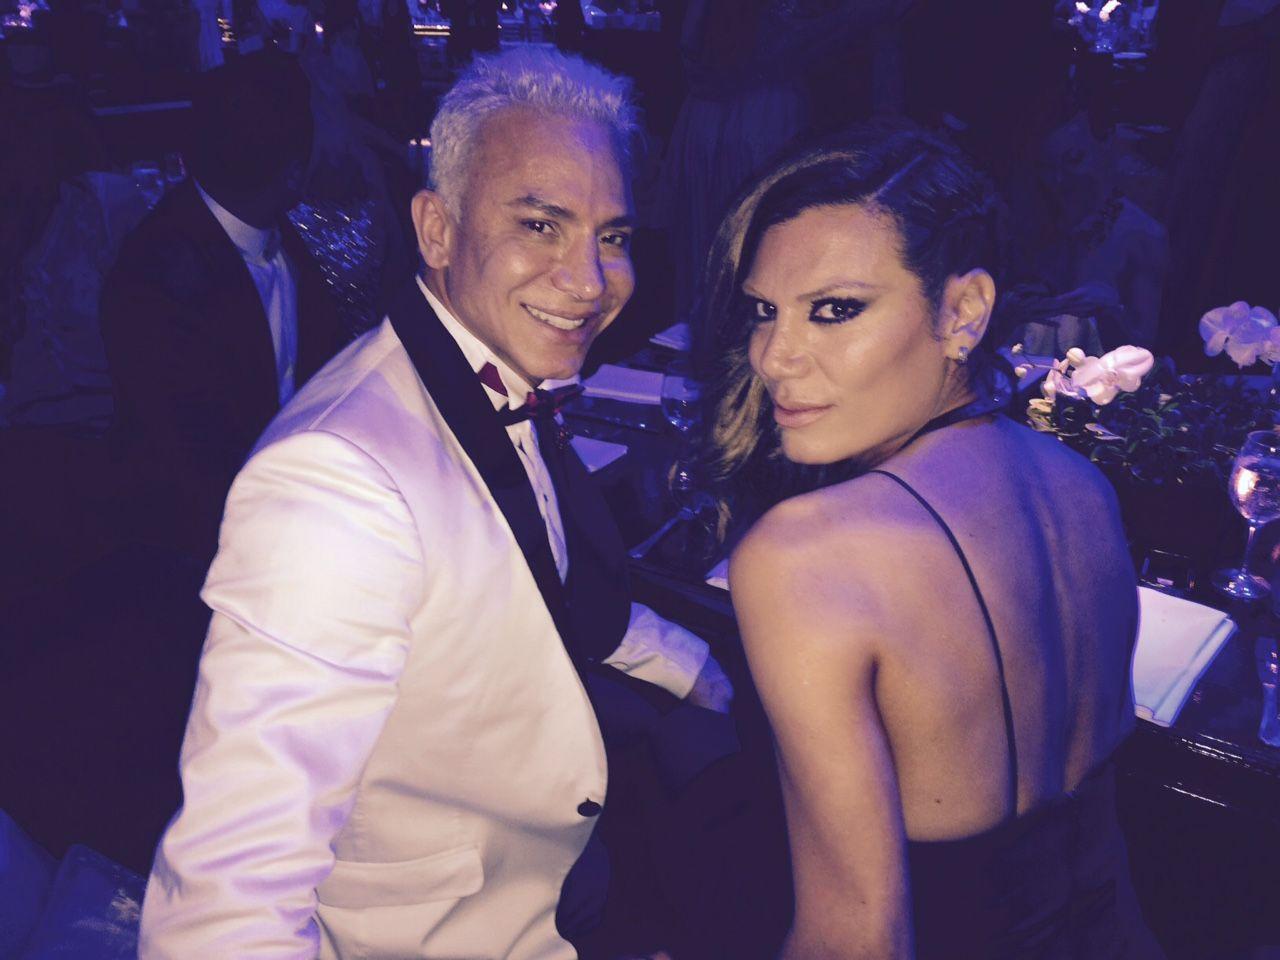 El look de los famosos en el casamiento de Jésica Cirio y Martín Insaurralde